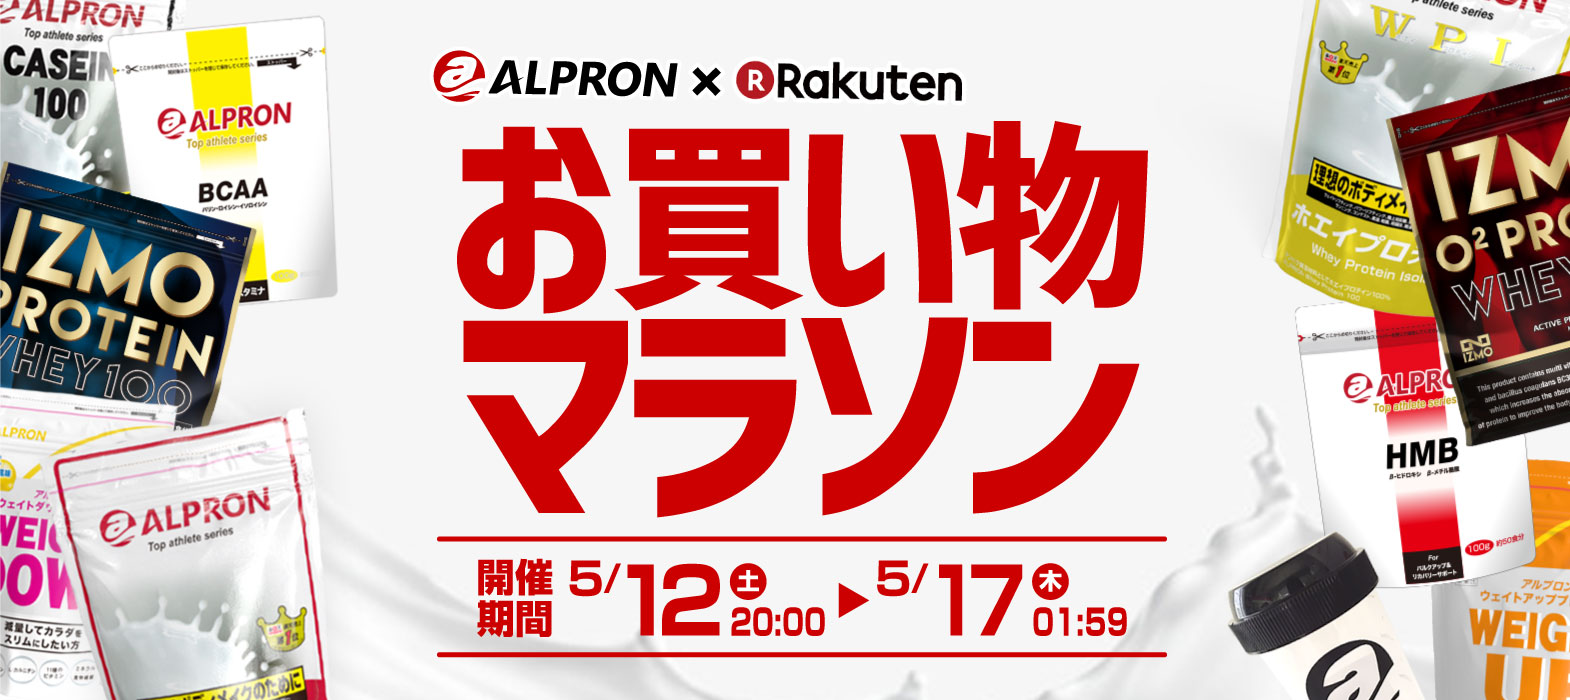 【緊急】楽天スーパーDEALでアルプロン WPCホエイプロテイン100 チョコレート風味 3kgが7280円、ポイント33倍で4678円、1kg1560円。~24時。